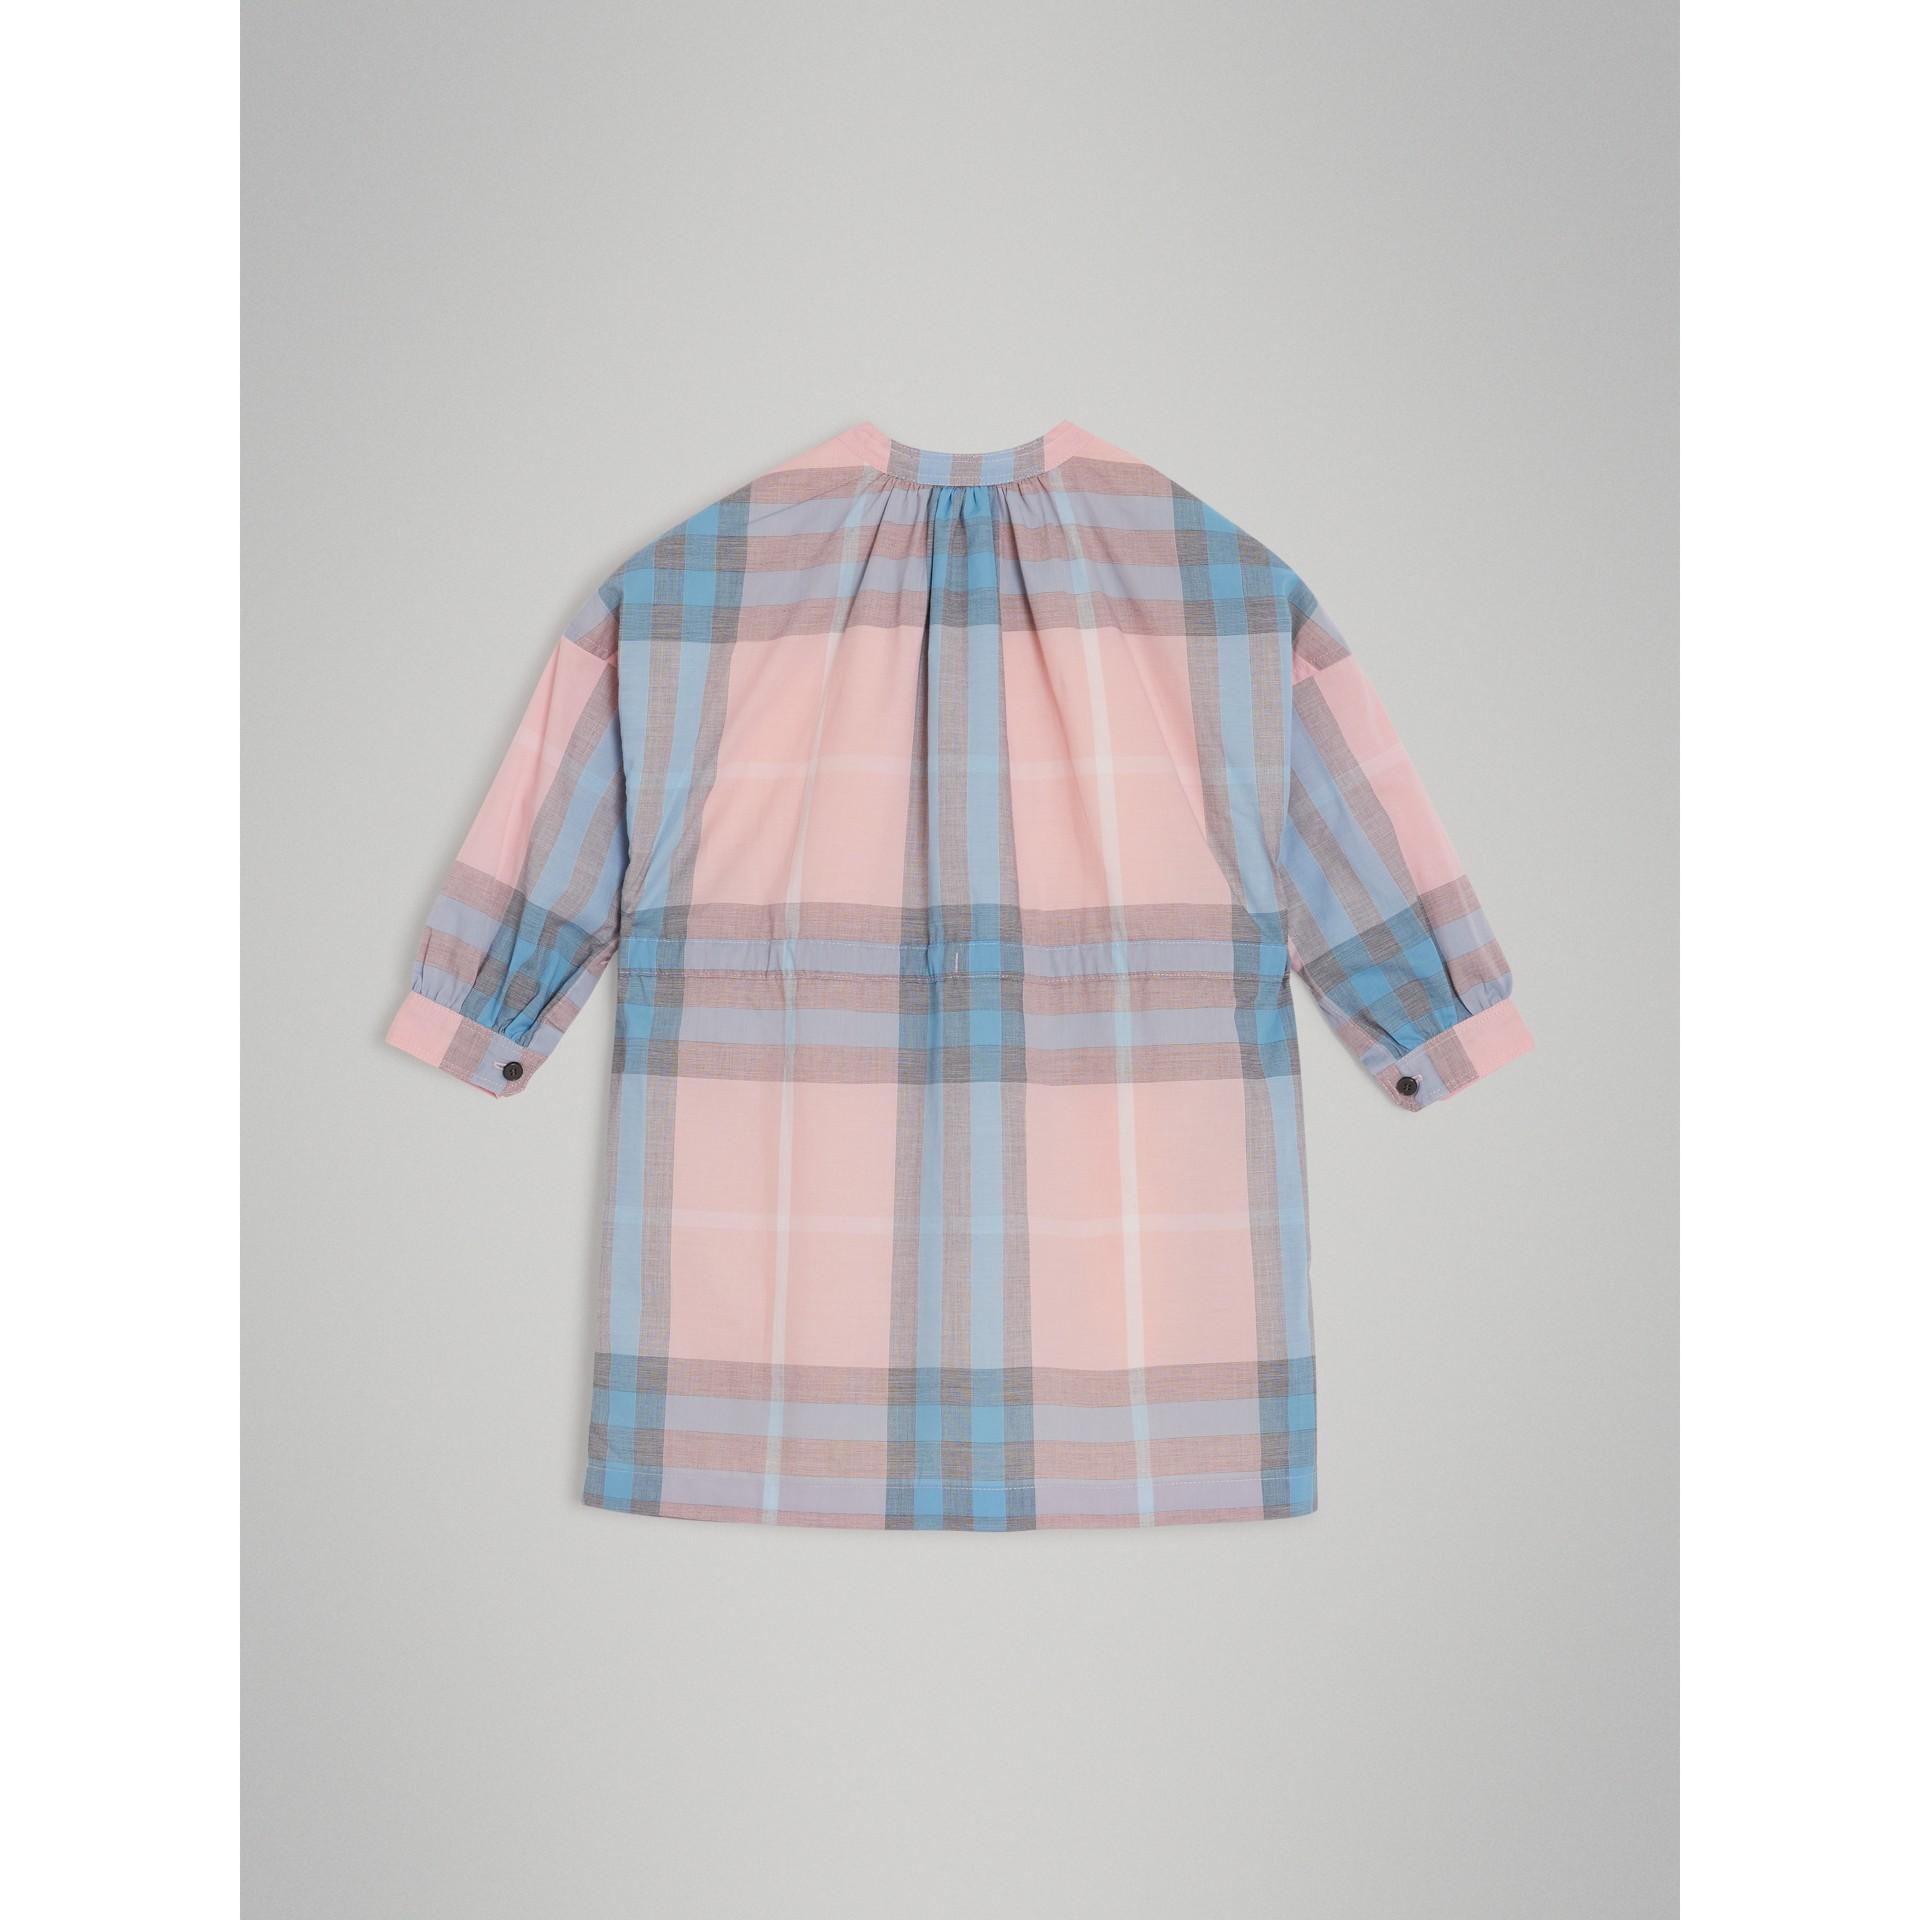 Vestido estilo camisa de algodão com estampa xadrez (Rosa Gelo) | Burberry - galeria de imagens 3